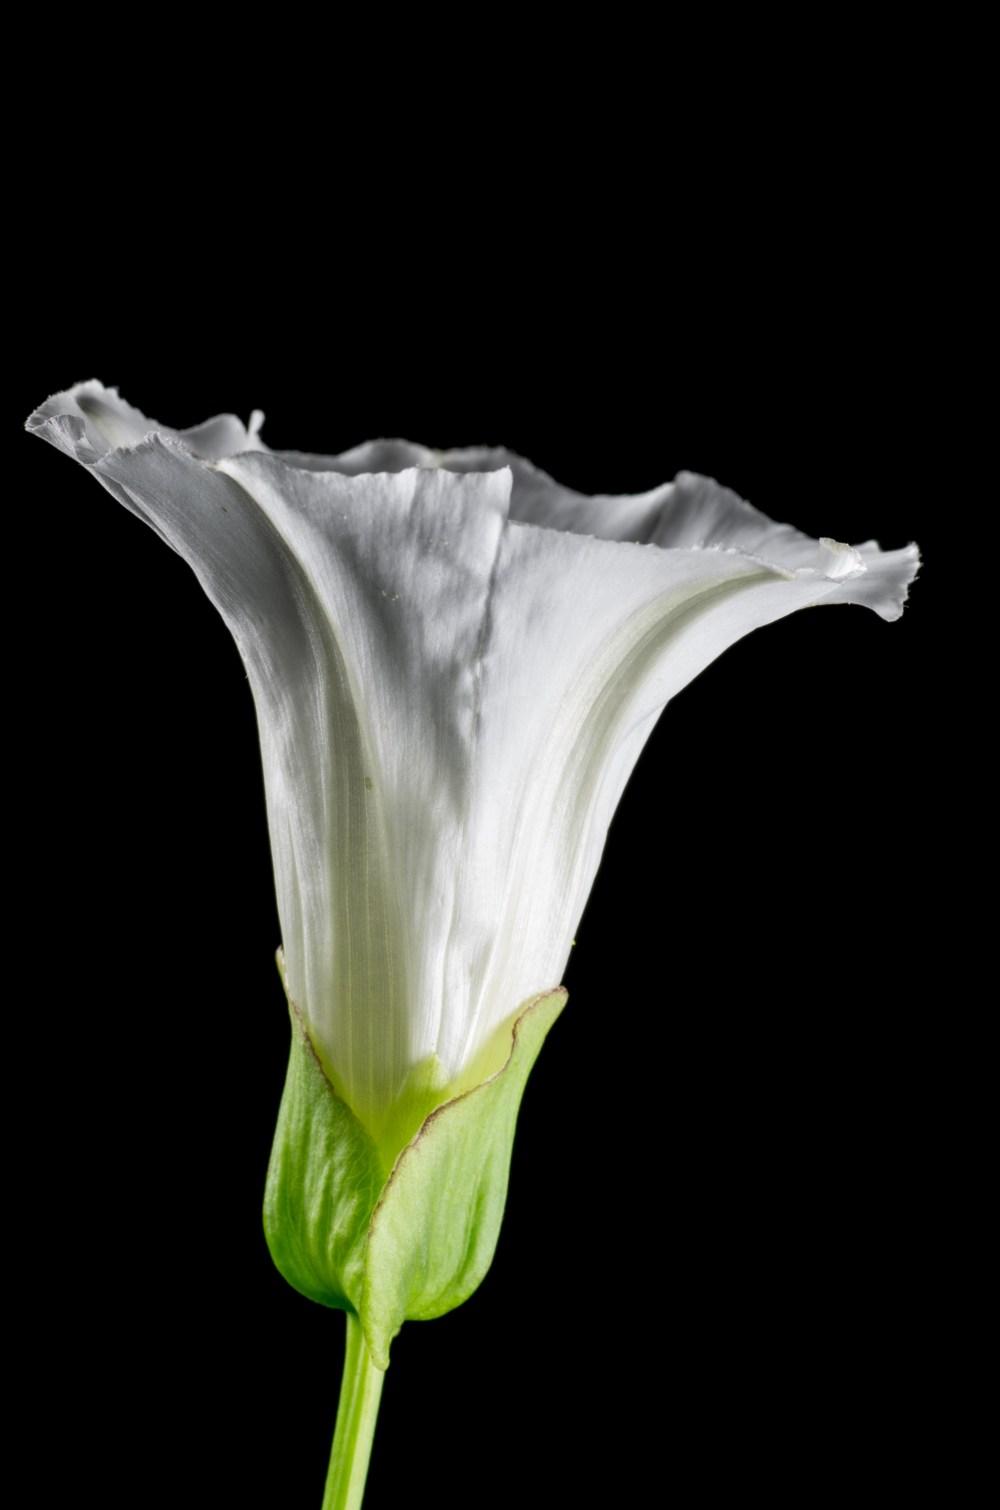 Bind Weed by Marius Grose